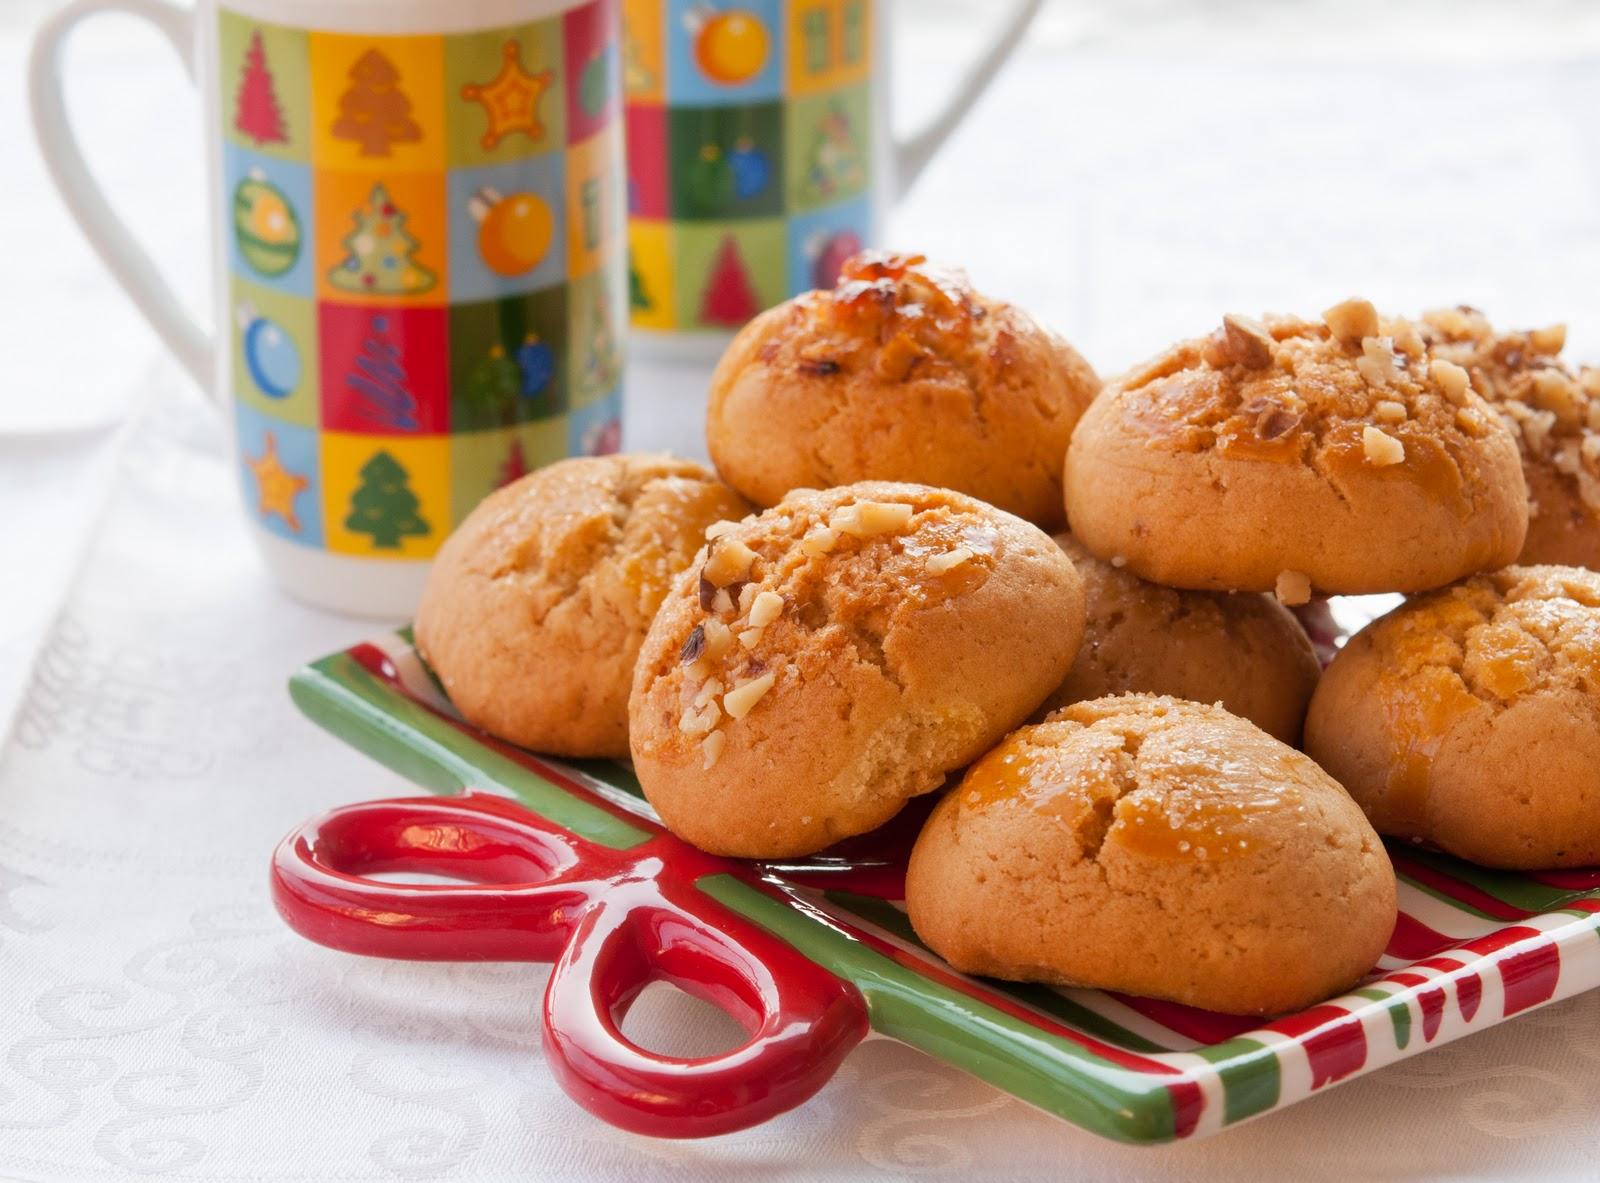 Recettes de biscuits sucrés pour Pâques avec décoration